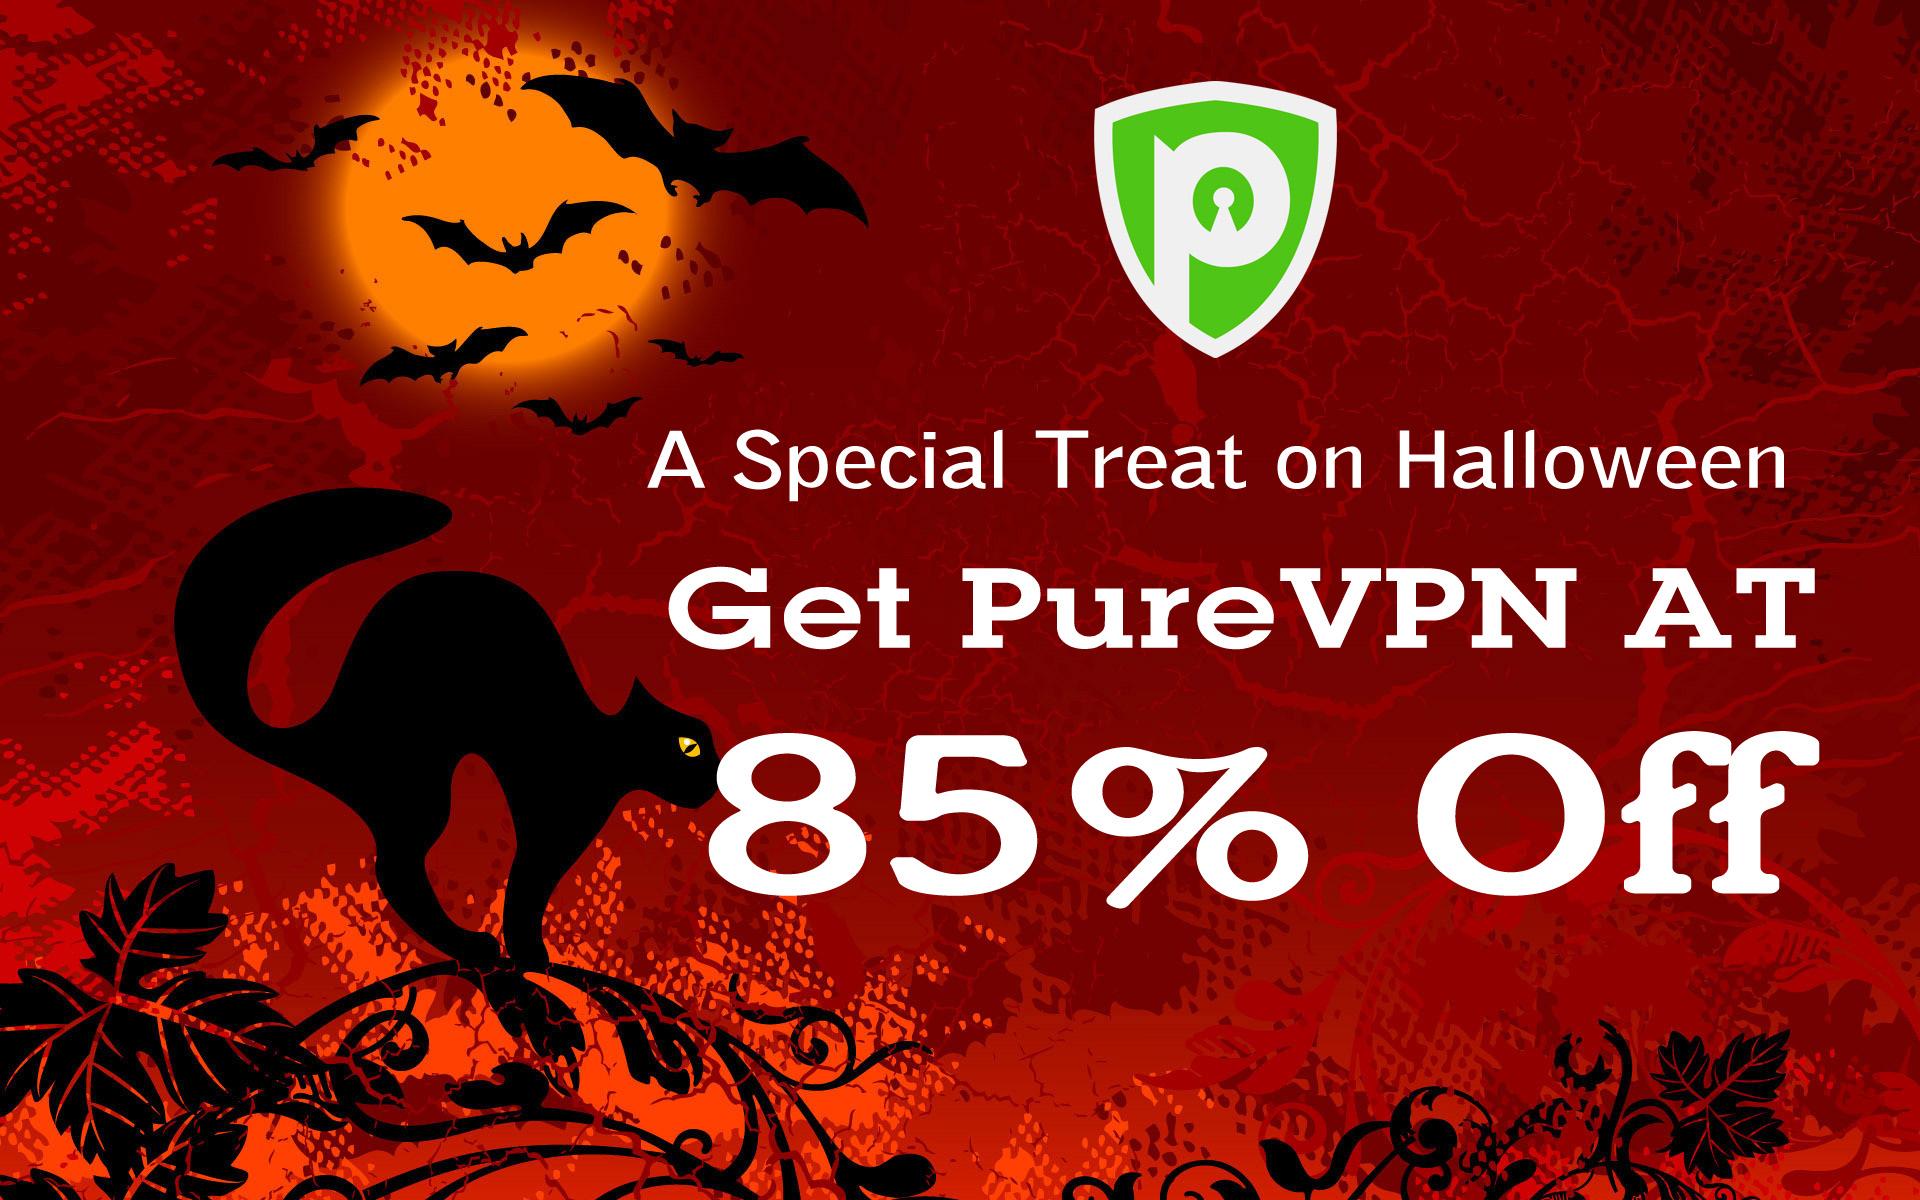 PureVPN Deals on Halloween 2020